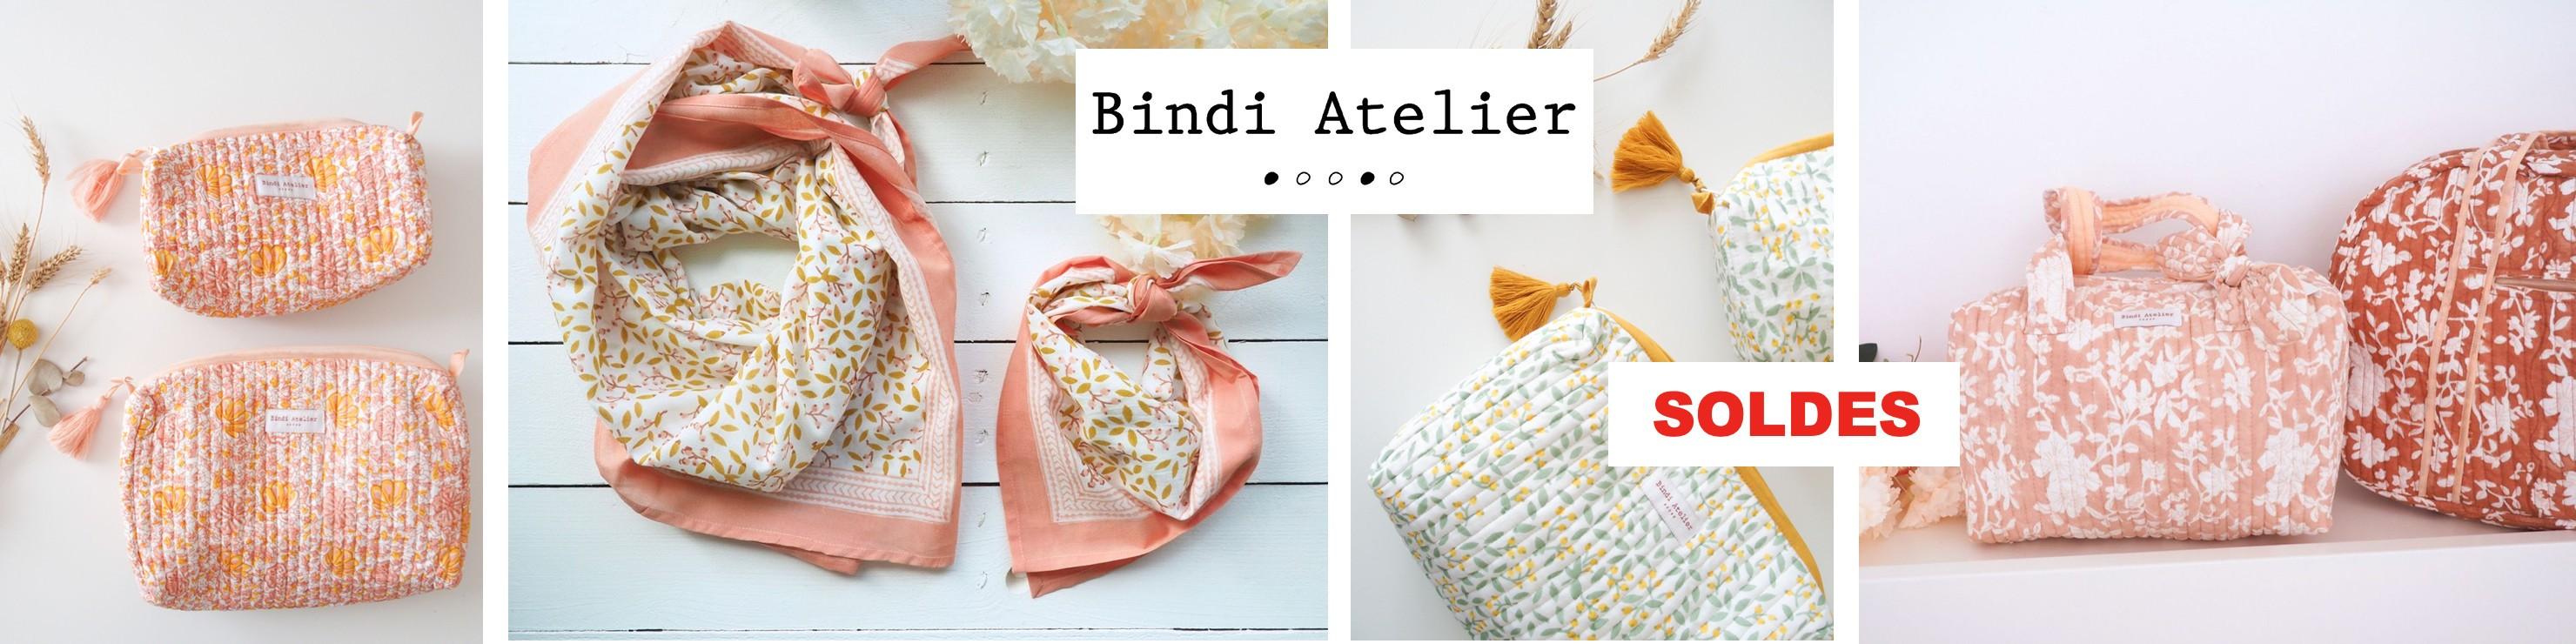 Les soldes Bindi Atelier chez Petit Gaston